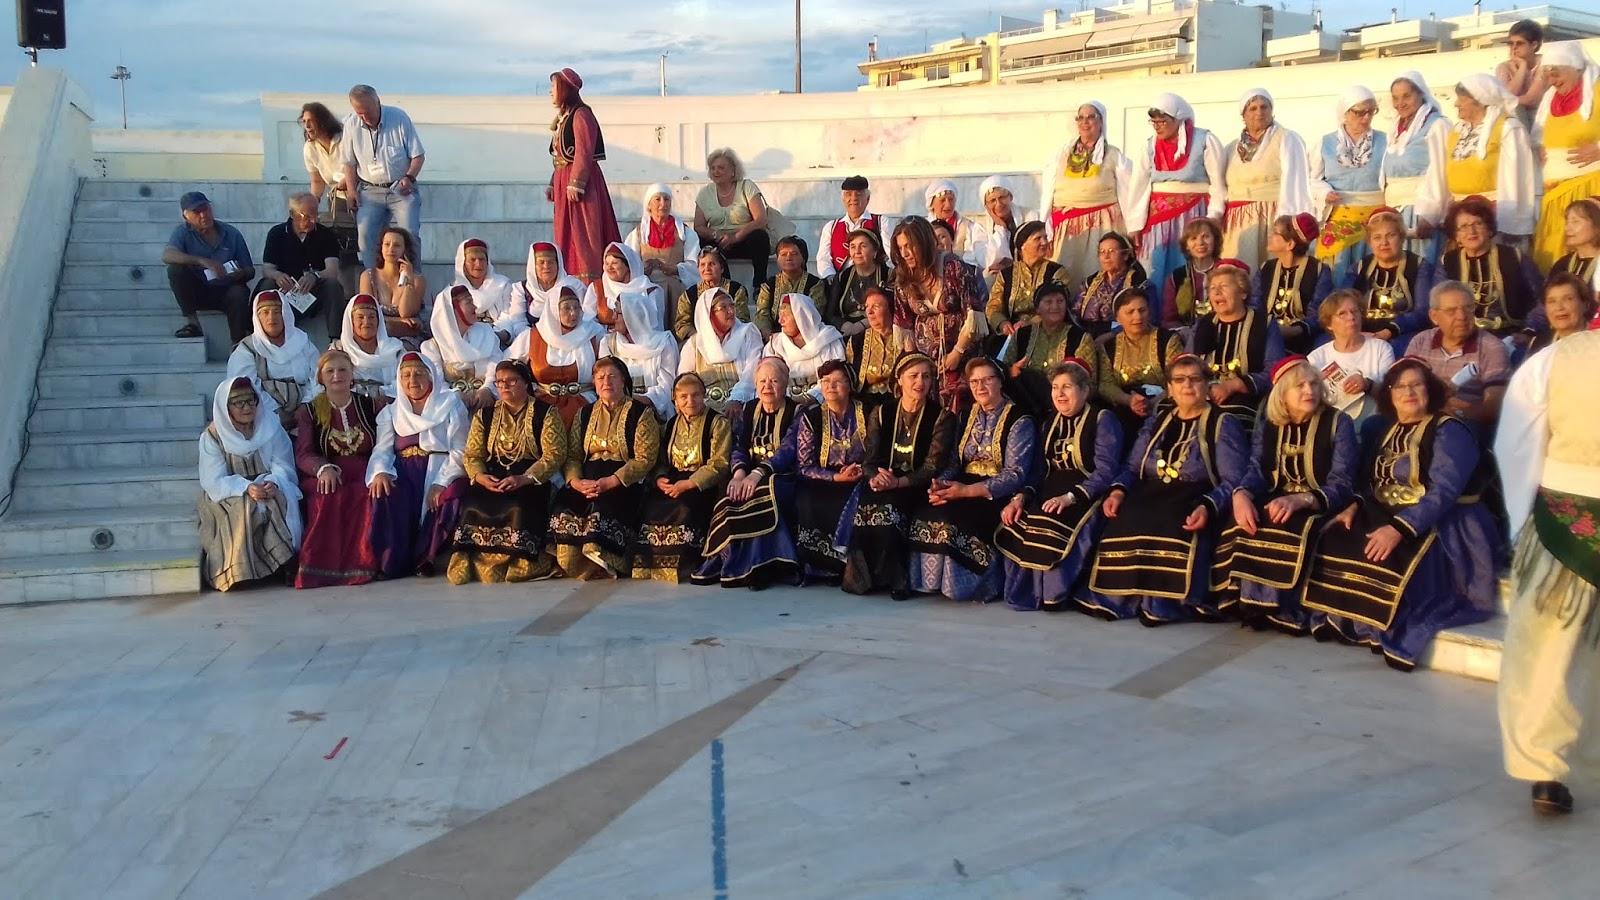 Συμμετοχή του χορευτικού Καπη Φαλάνης στο 3ο Φεστιβάλ χορού Τρίτης Ηλικίας στην Πάτρα